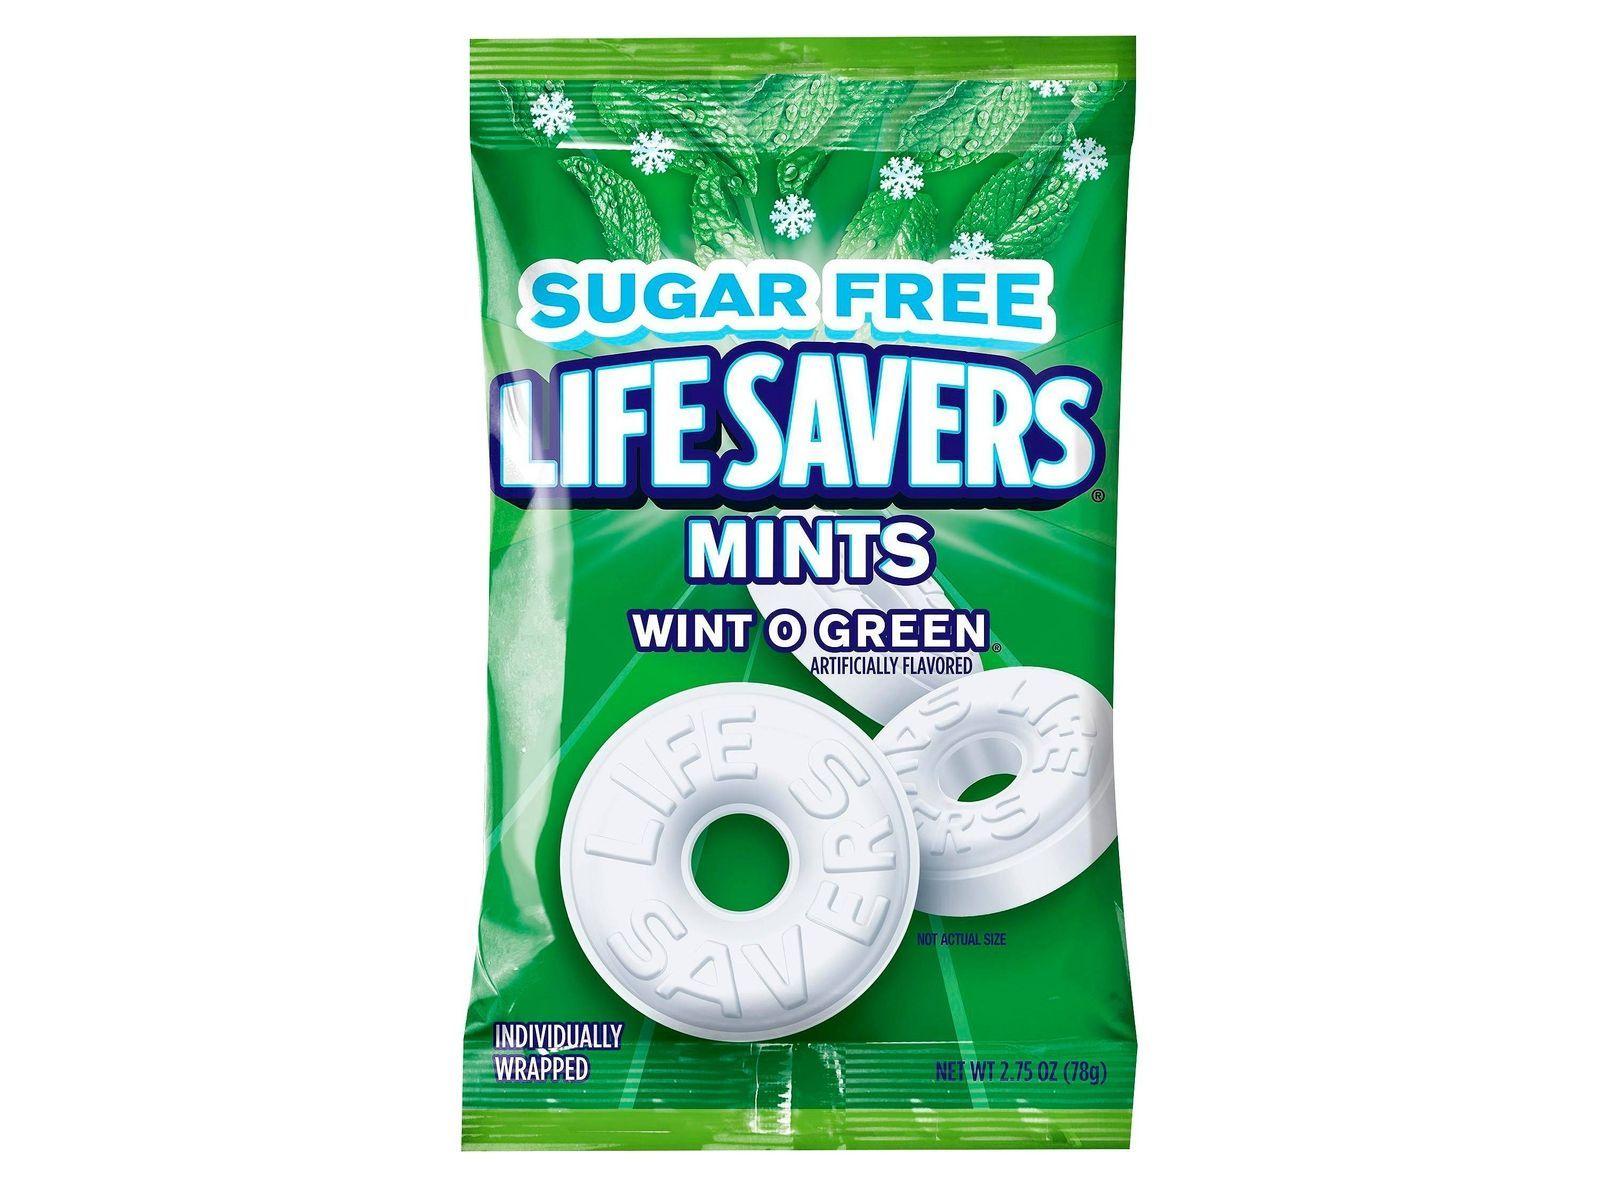 Life savers wintogreen mints sugar free 275oz mint